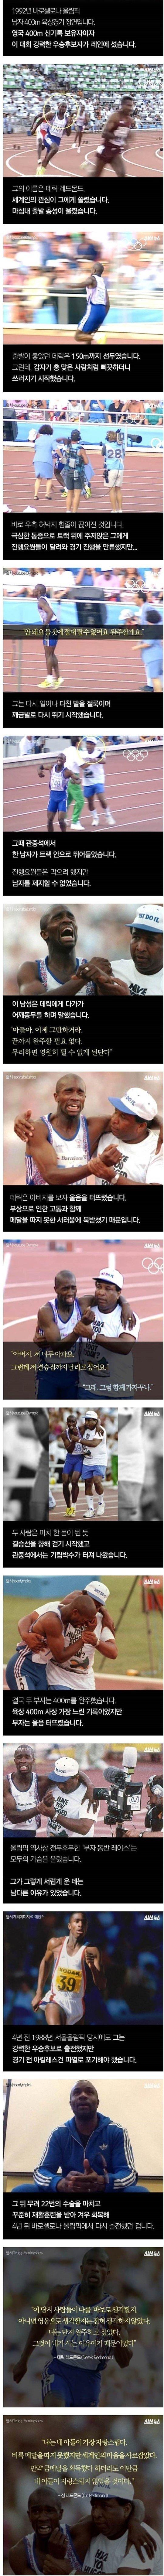 세계에서 가장 느린 육상 400m 기록 ㄷㄷㄷ